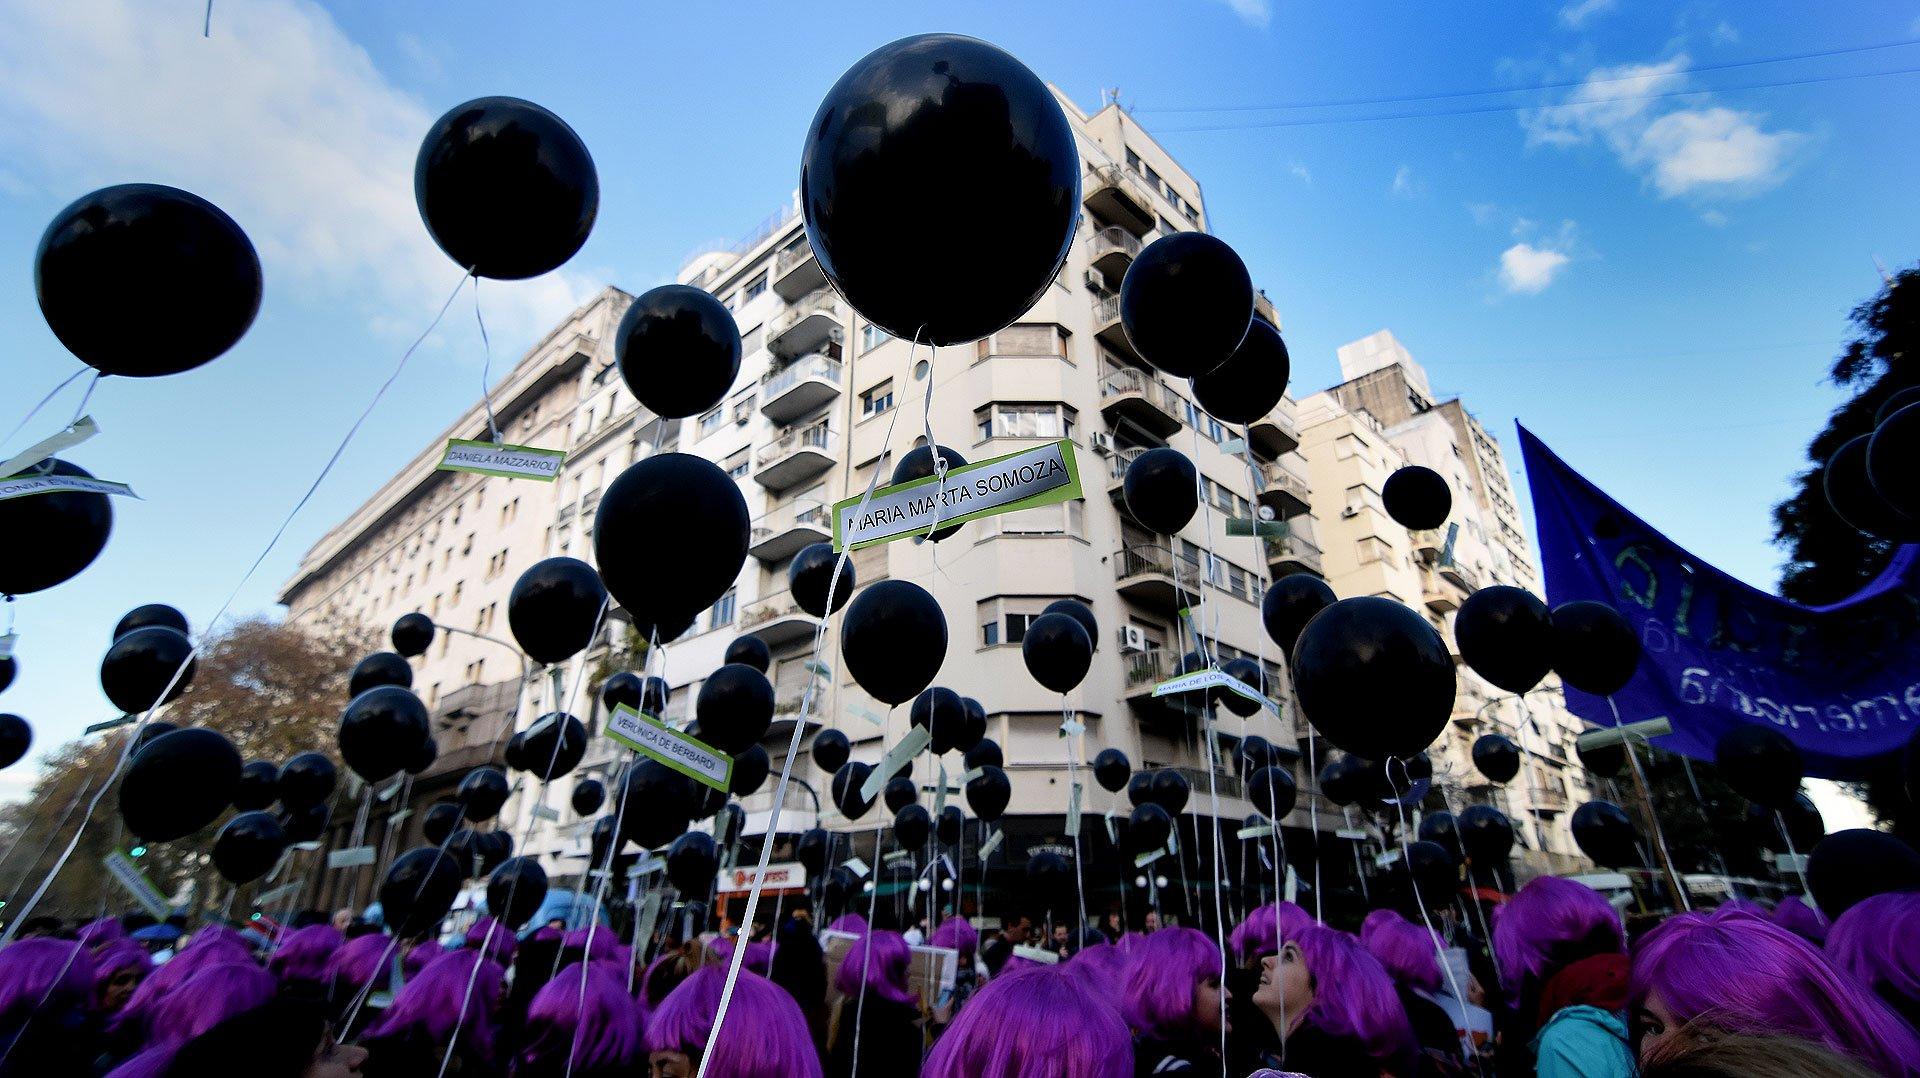 """Las integrantes de la agrupación Mujeres de Matria Latinoamericana (MuMaLa) llevaron globos y pelucas violetas. Fuente: infobae.com """"#NiUnaMenos: 70 imágenes de la multitudinaria marcha"""""""